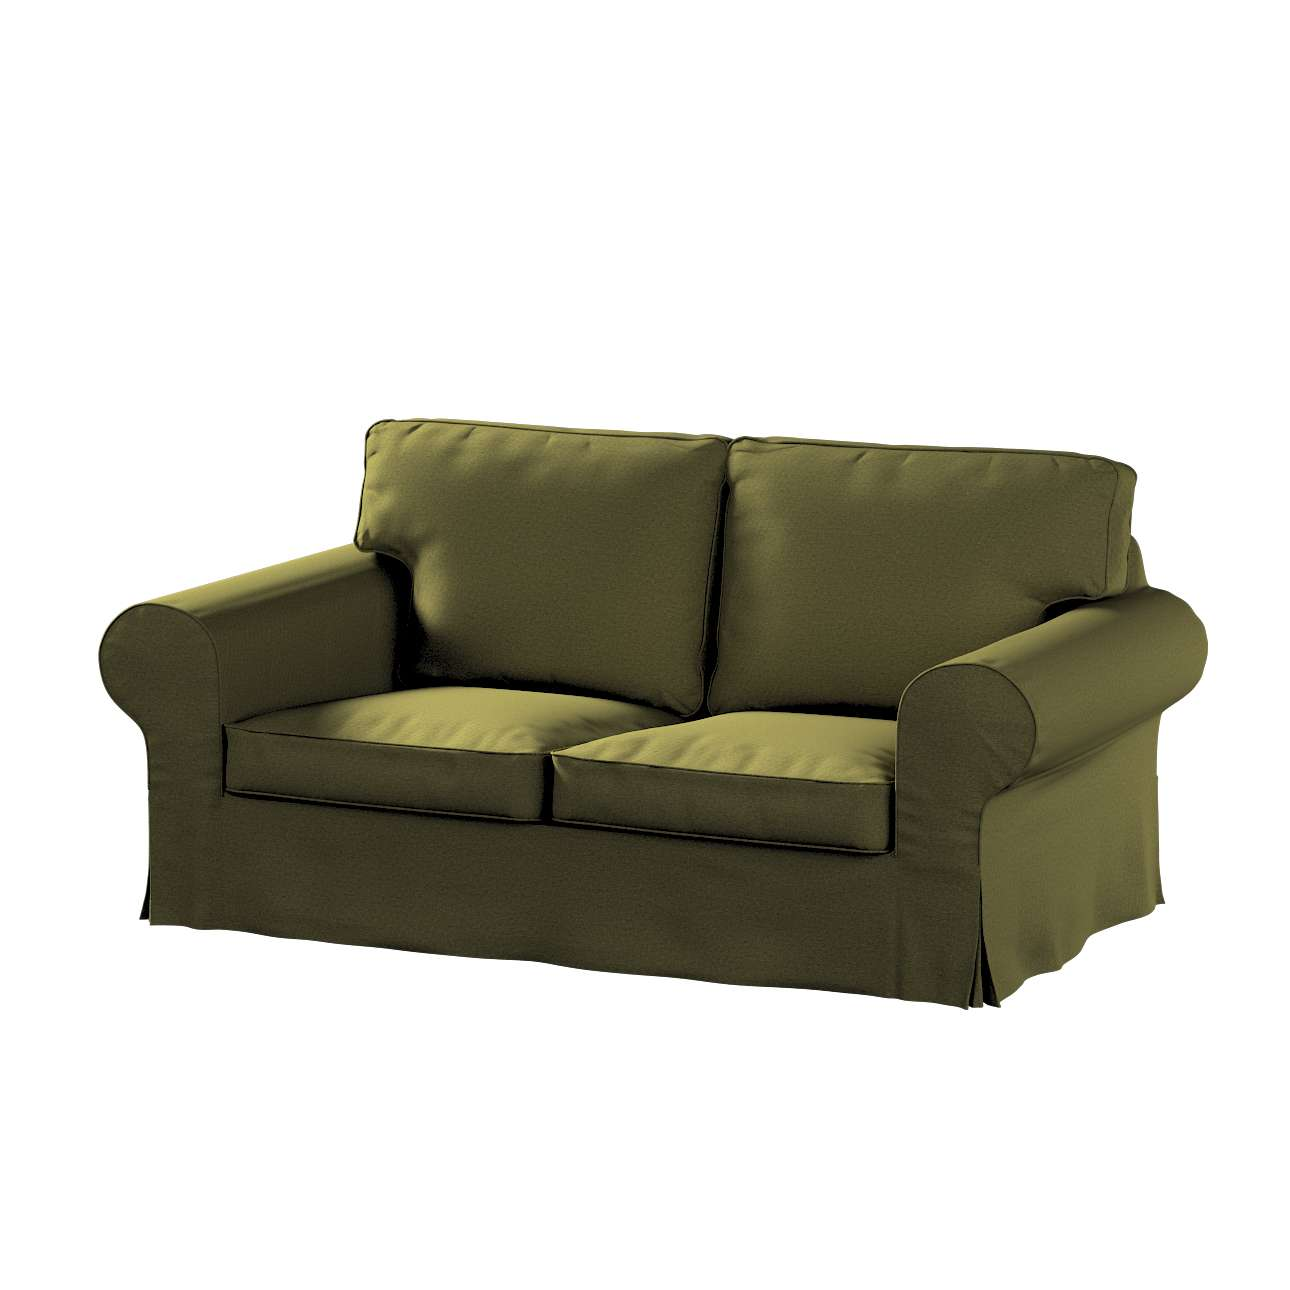 Pokrowiec na sofę Ektorp 2-osobową rozkładaną, model po 2012 w kolekcji Etna, tkanina: 161-26